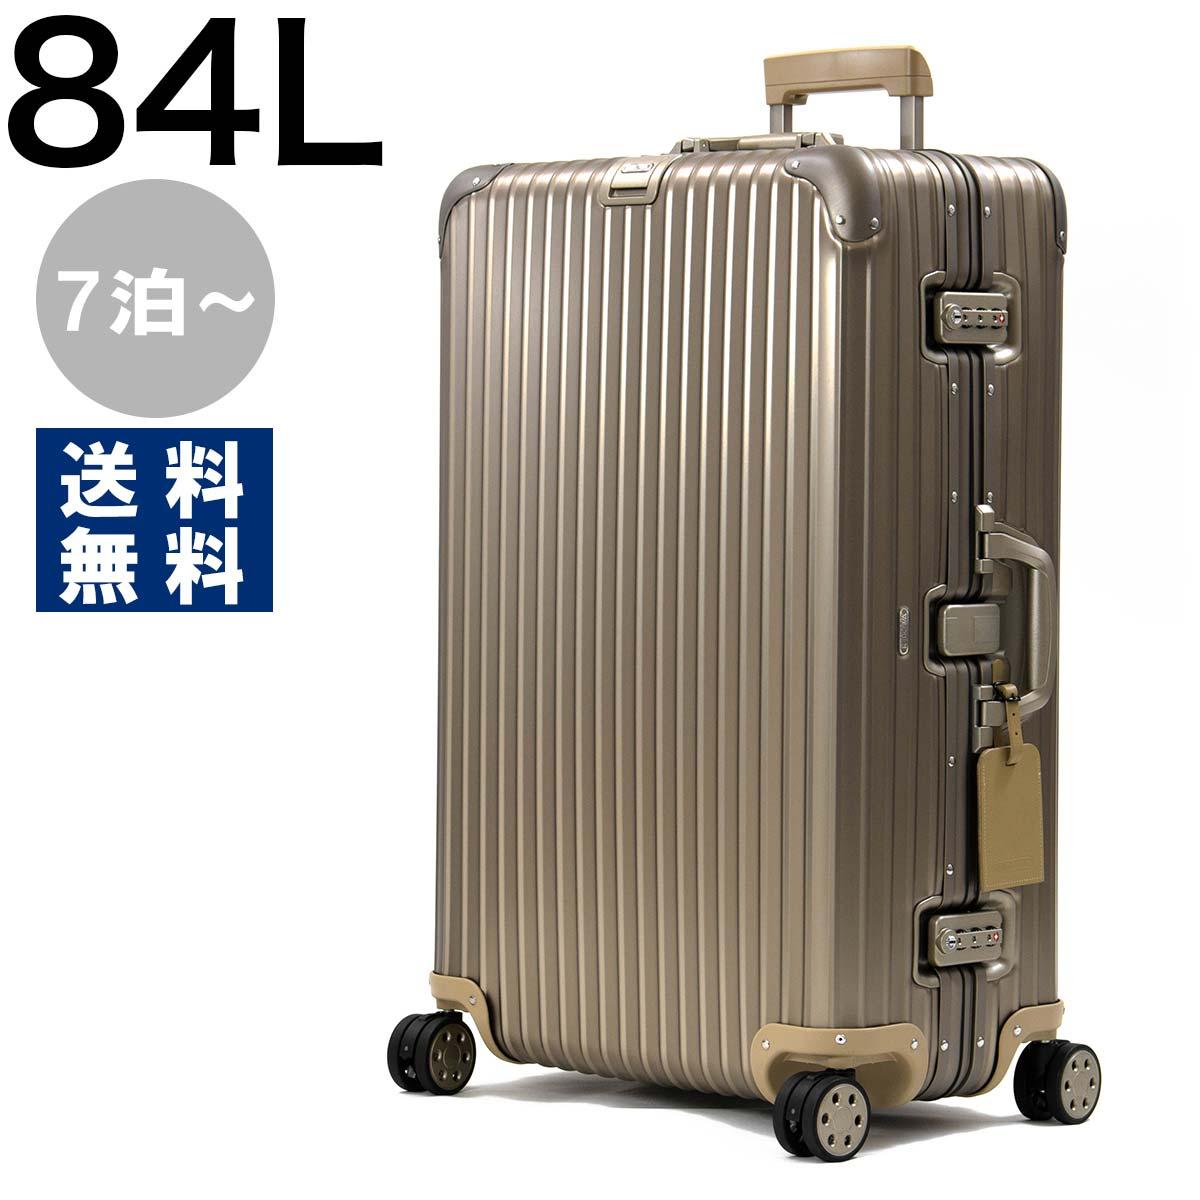 人気絶頂 リモワ スーツケース/旅行用バッグ メンズ バッグ メンズ レディース トパーズ トパーズ 84L チタニウム 84L 7泊~ シャンパンゴールド 92373034 RIMOWA, セドナストーンジュエリー:197967fe --- askamore.com